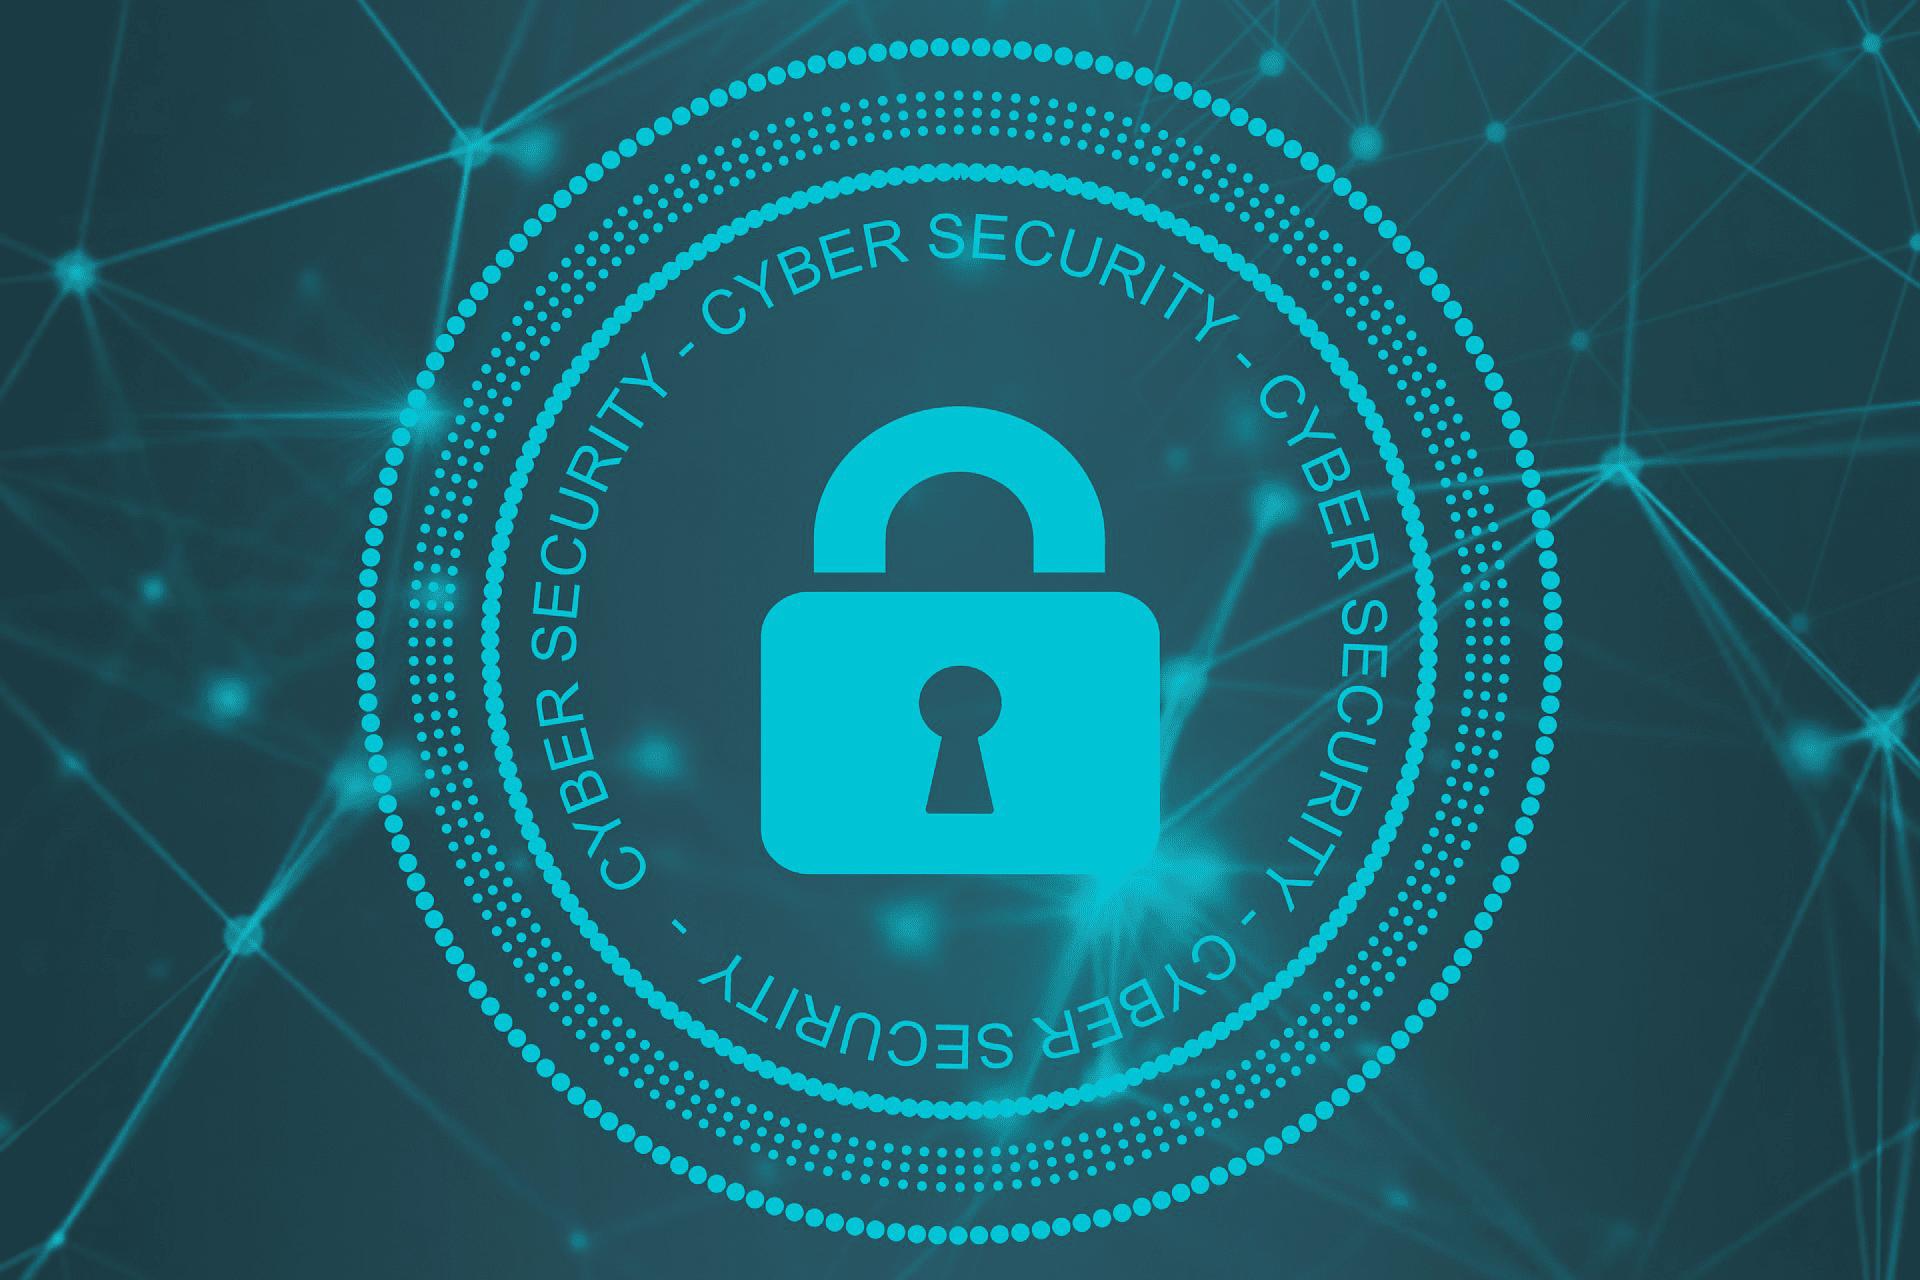 Комплексна система безпеки бізнесу